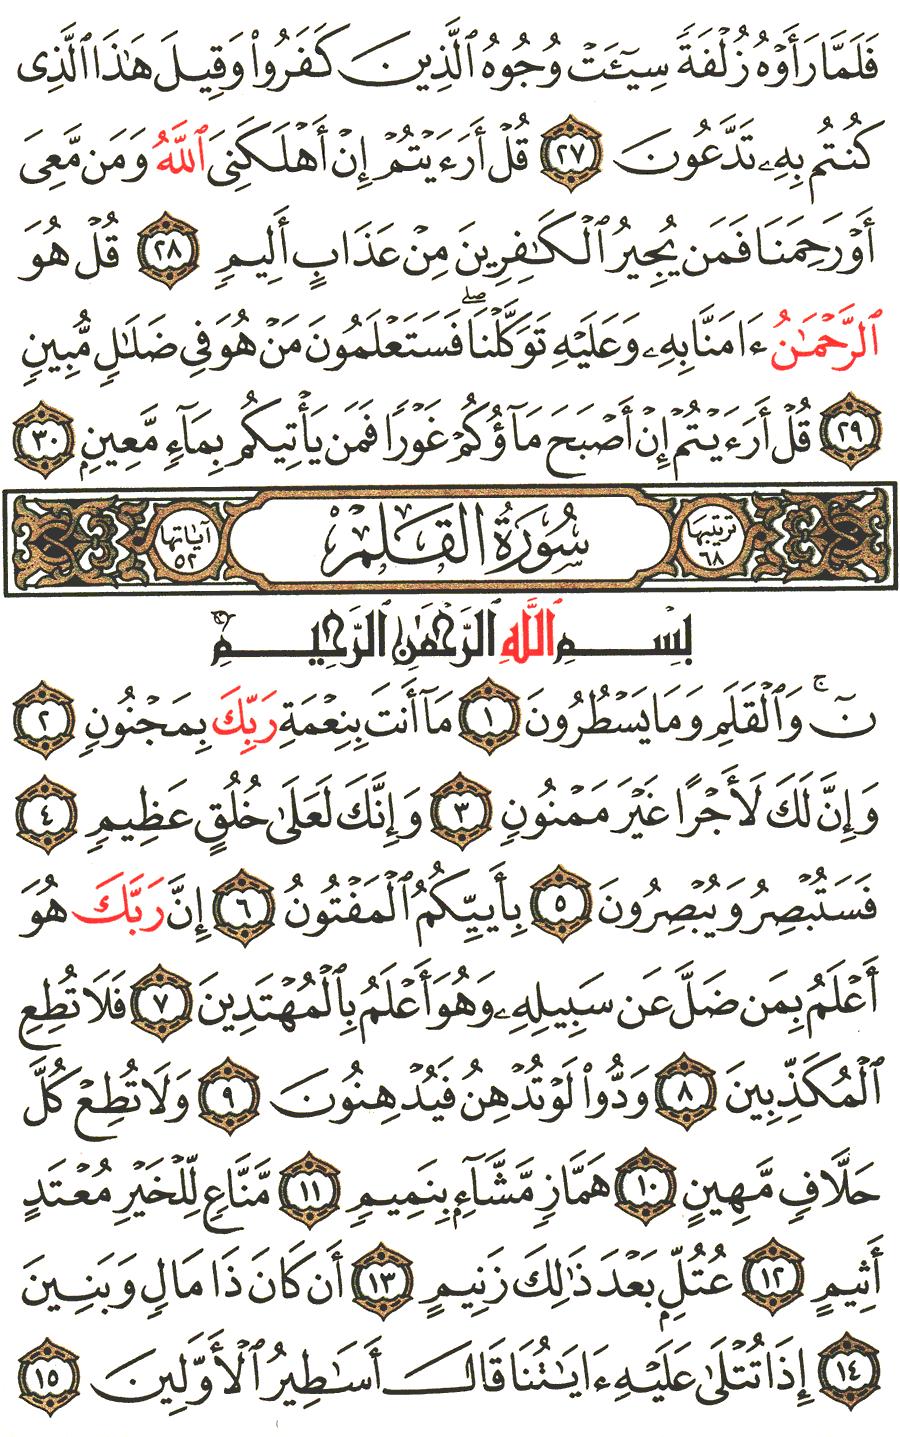 الصفحة رقم 564 من القرآن الكريم مكتوبة من المصحف